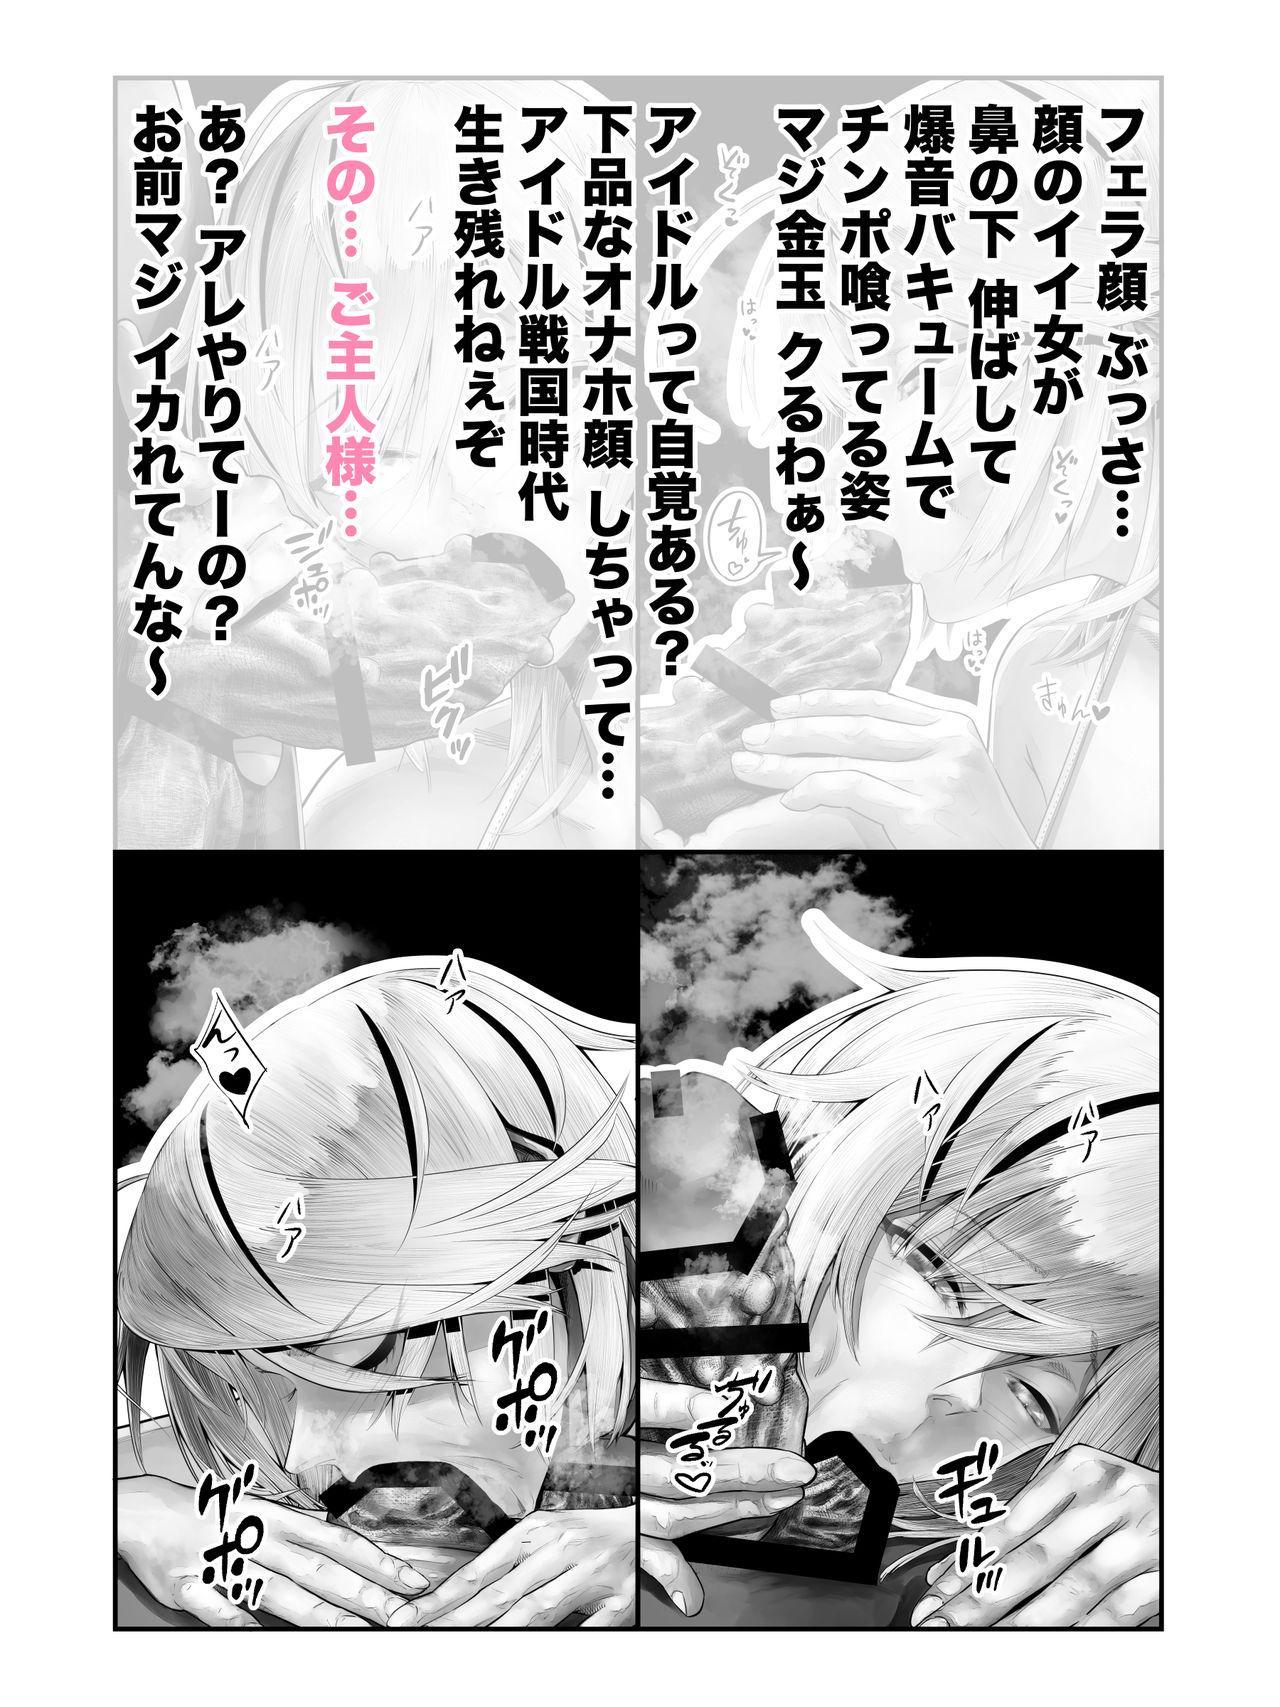 Kanzenba/P 「Sochira no kata wa…?」?「Chissu, ore otoutosu」 38